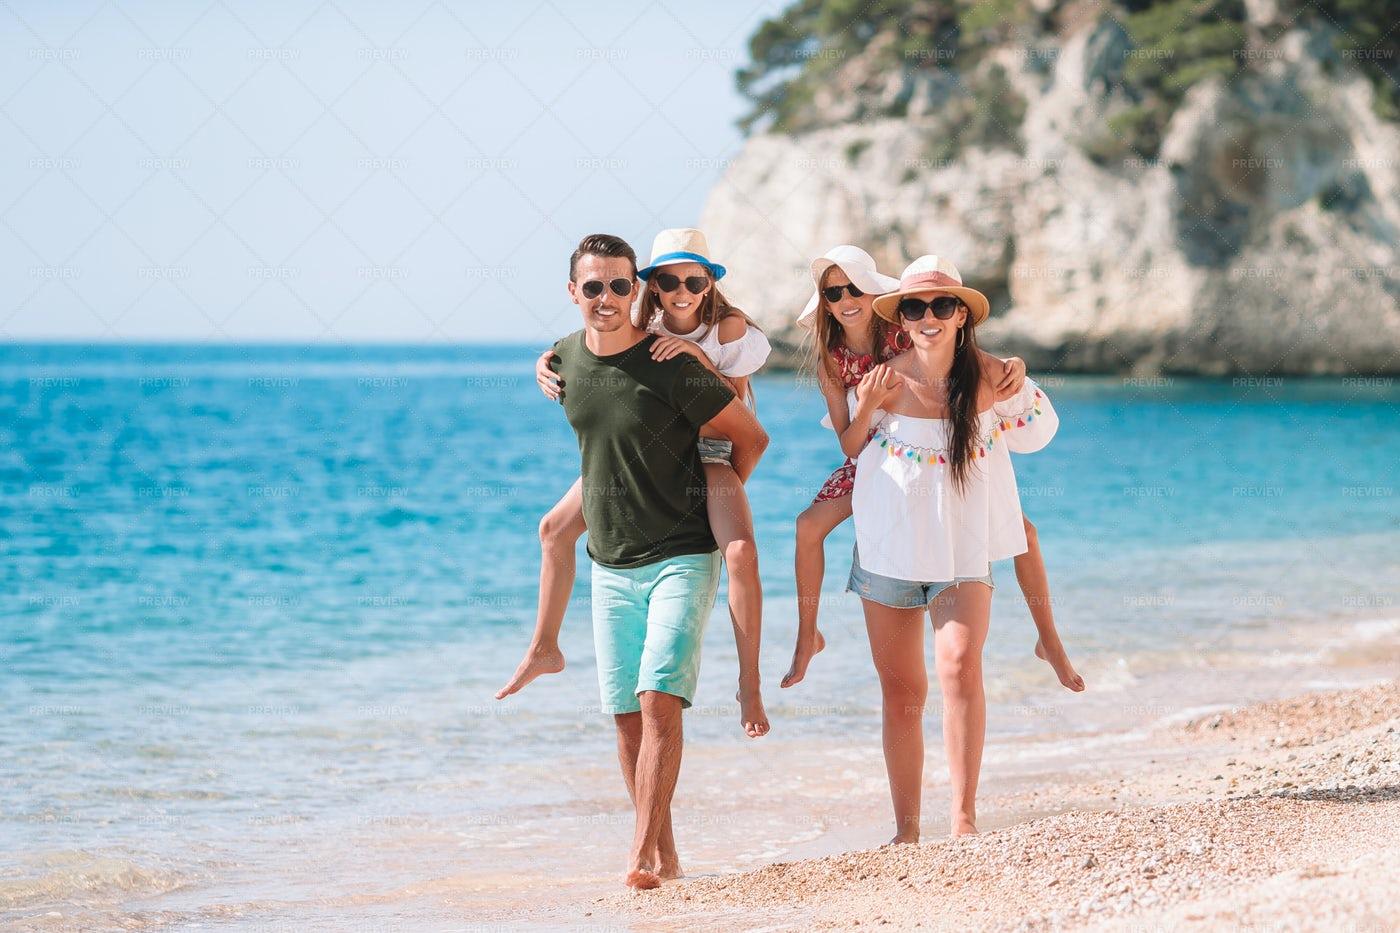 Family Having Fun On Vacations: Stock Photos